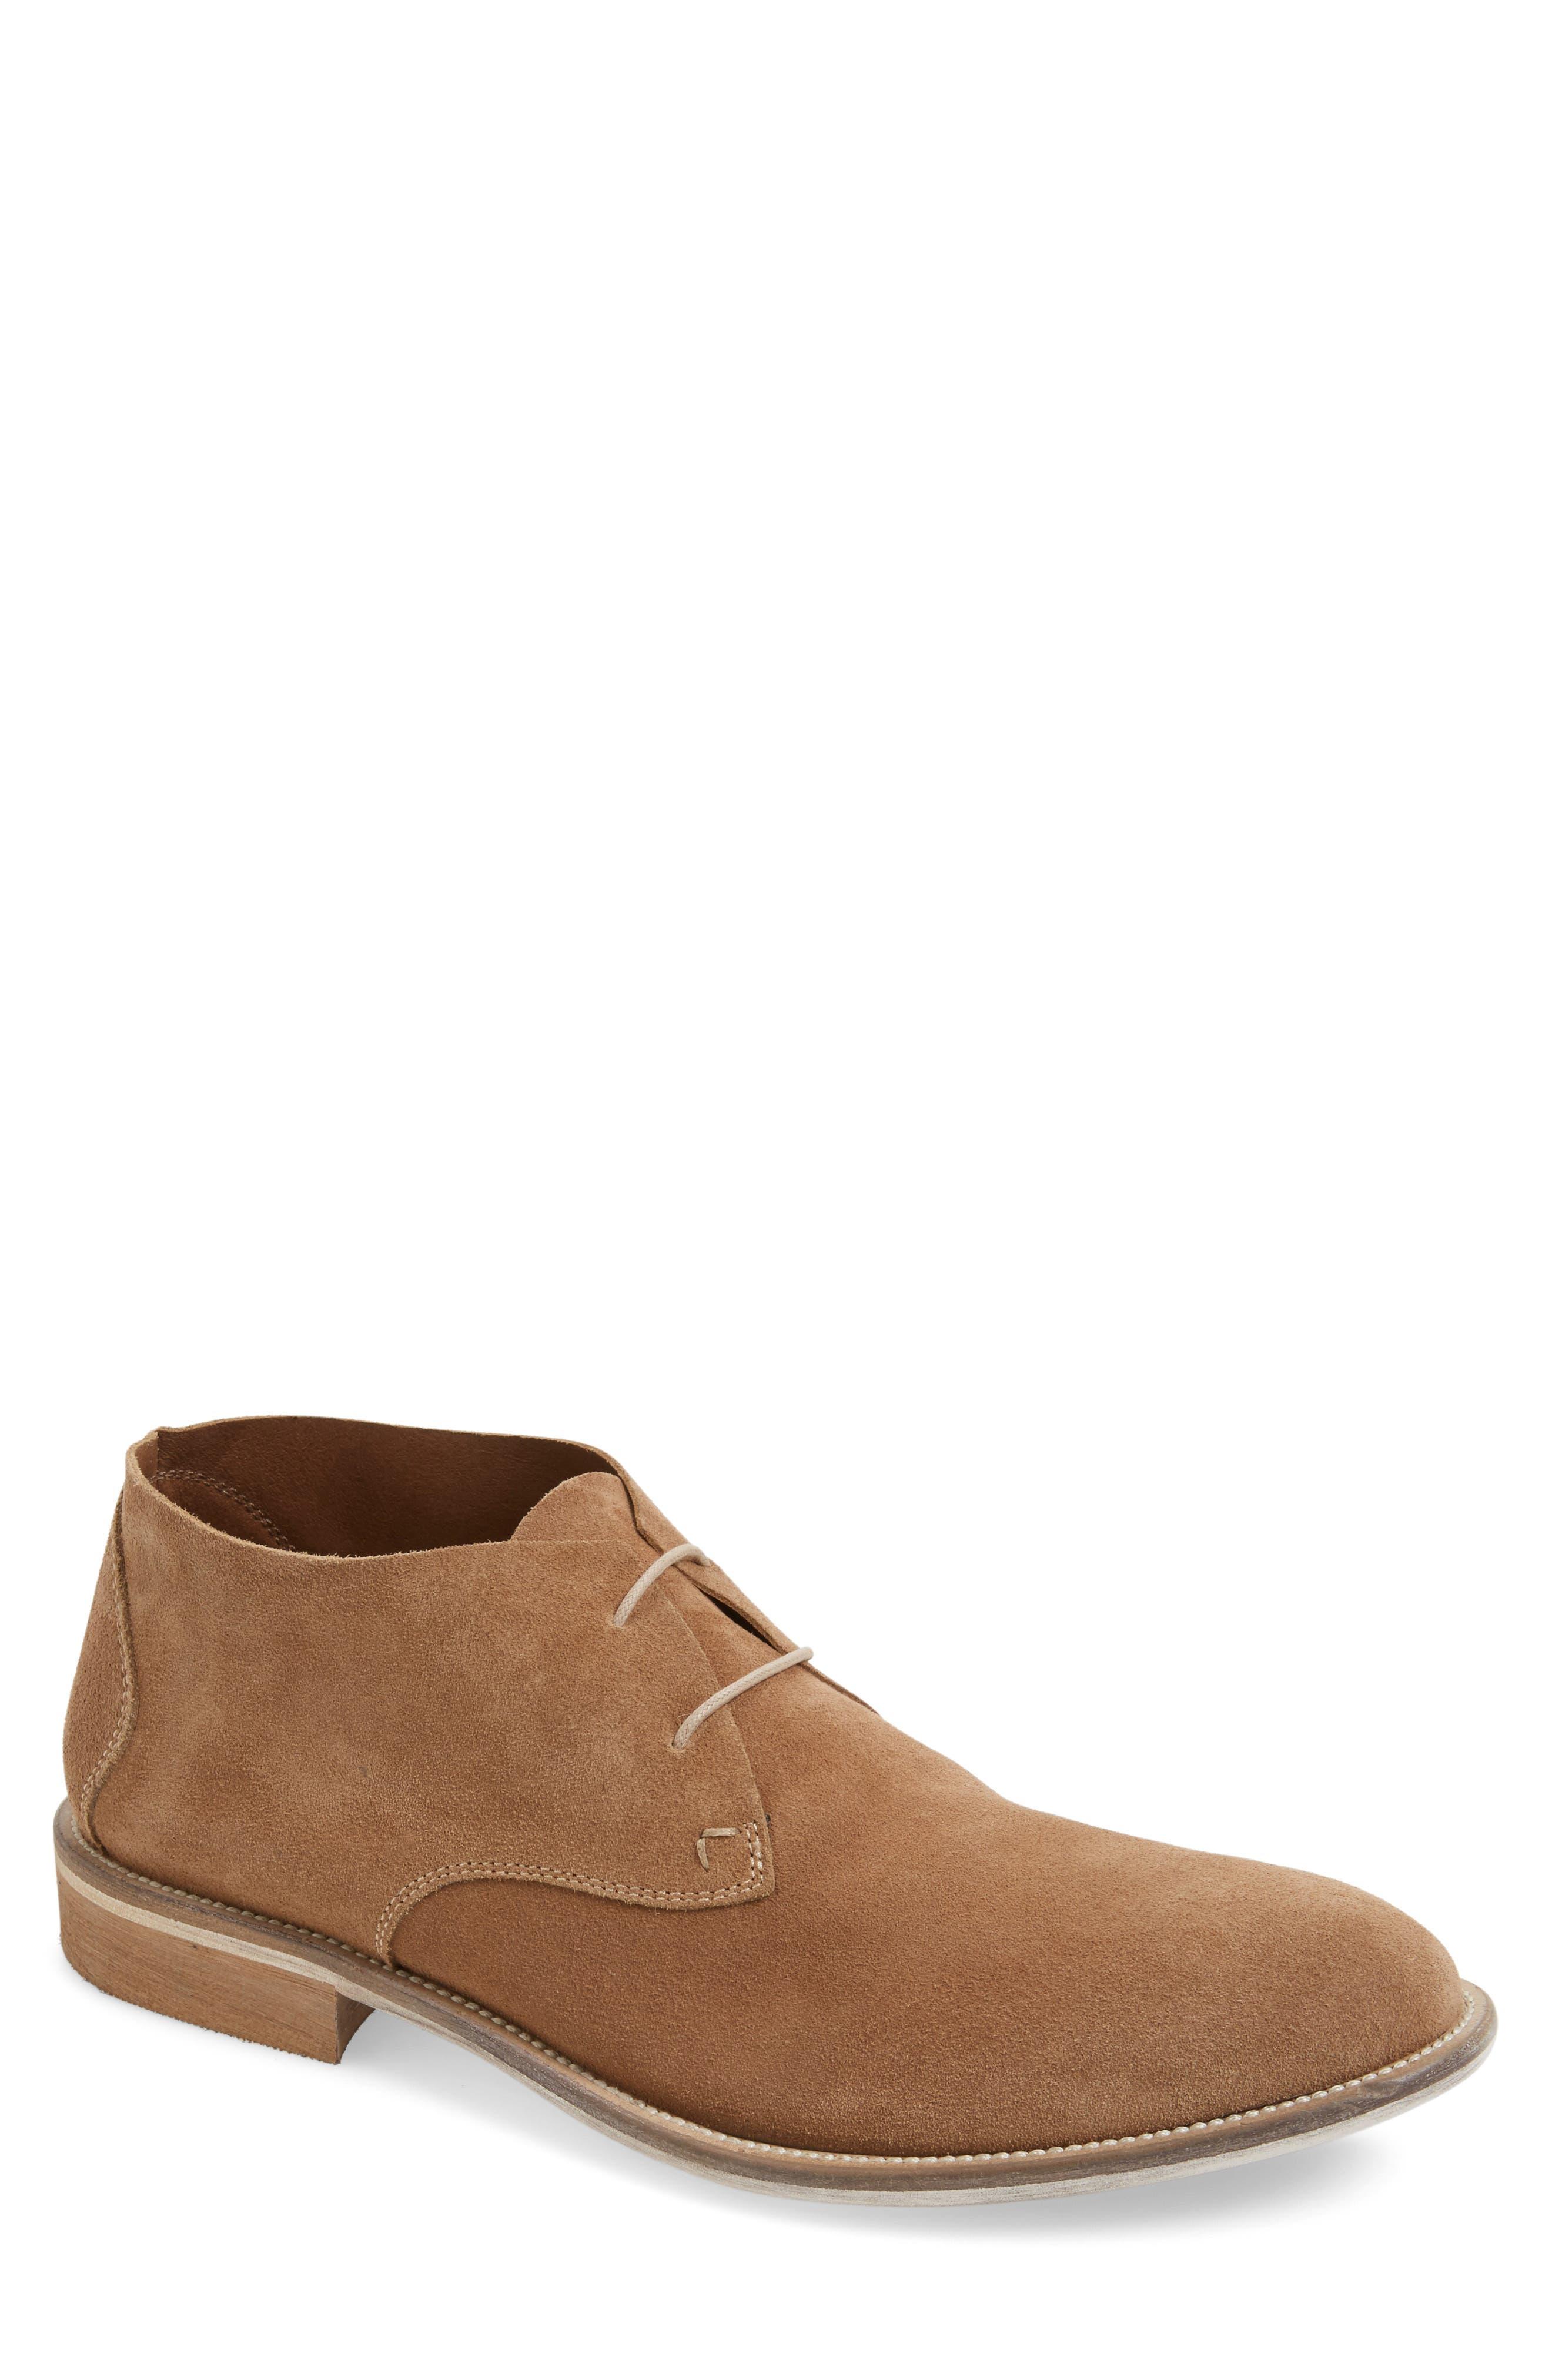 Take Comfort Chukka Boot,                         Main,                         color, 234